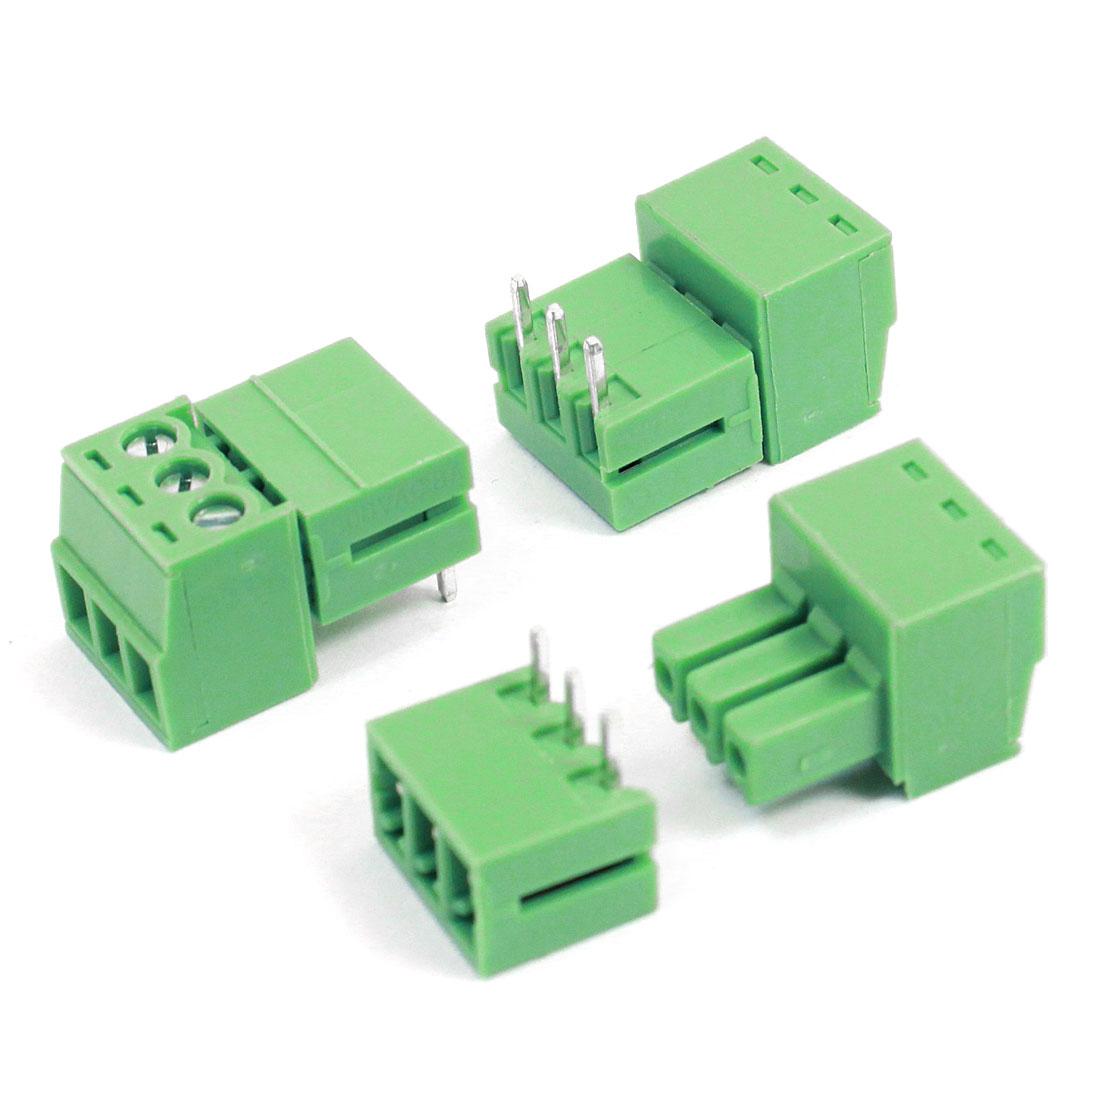 3pcs 3.5mm Pitch 3 Pins AC300V 8A Terminal Blocks Connectors Green